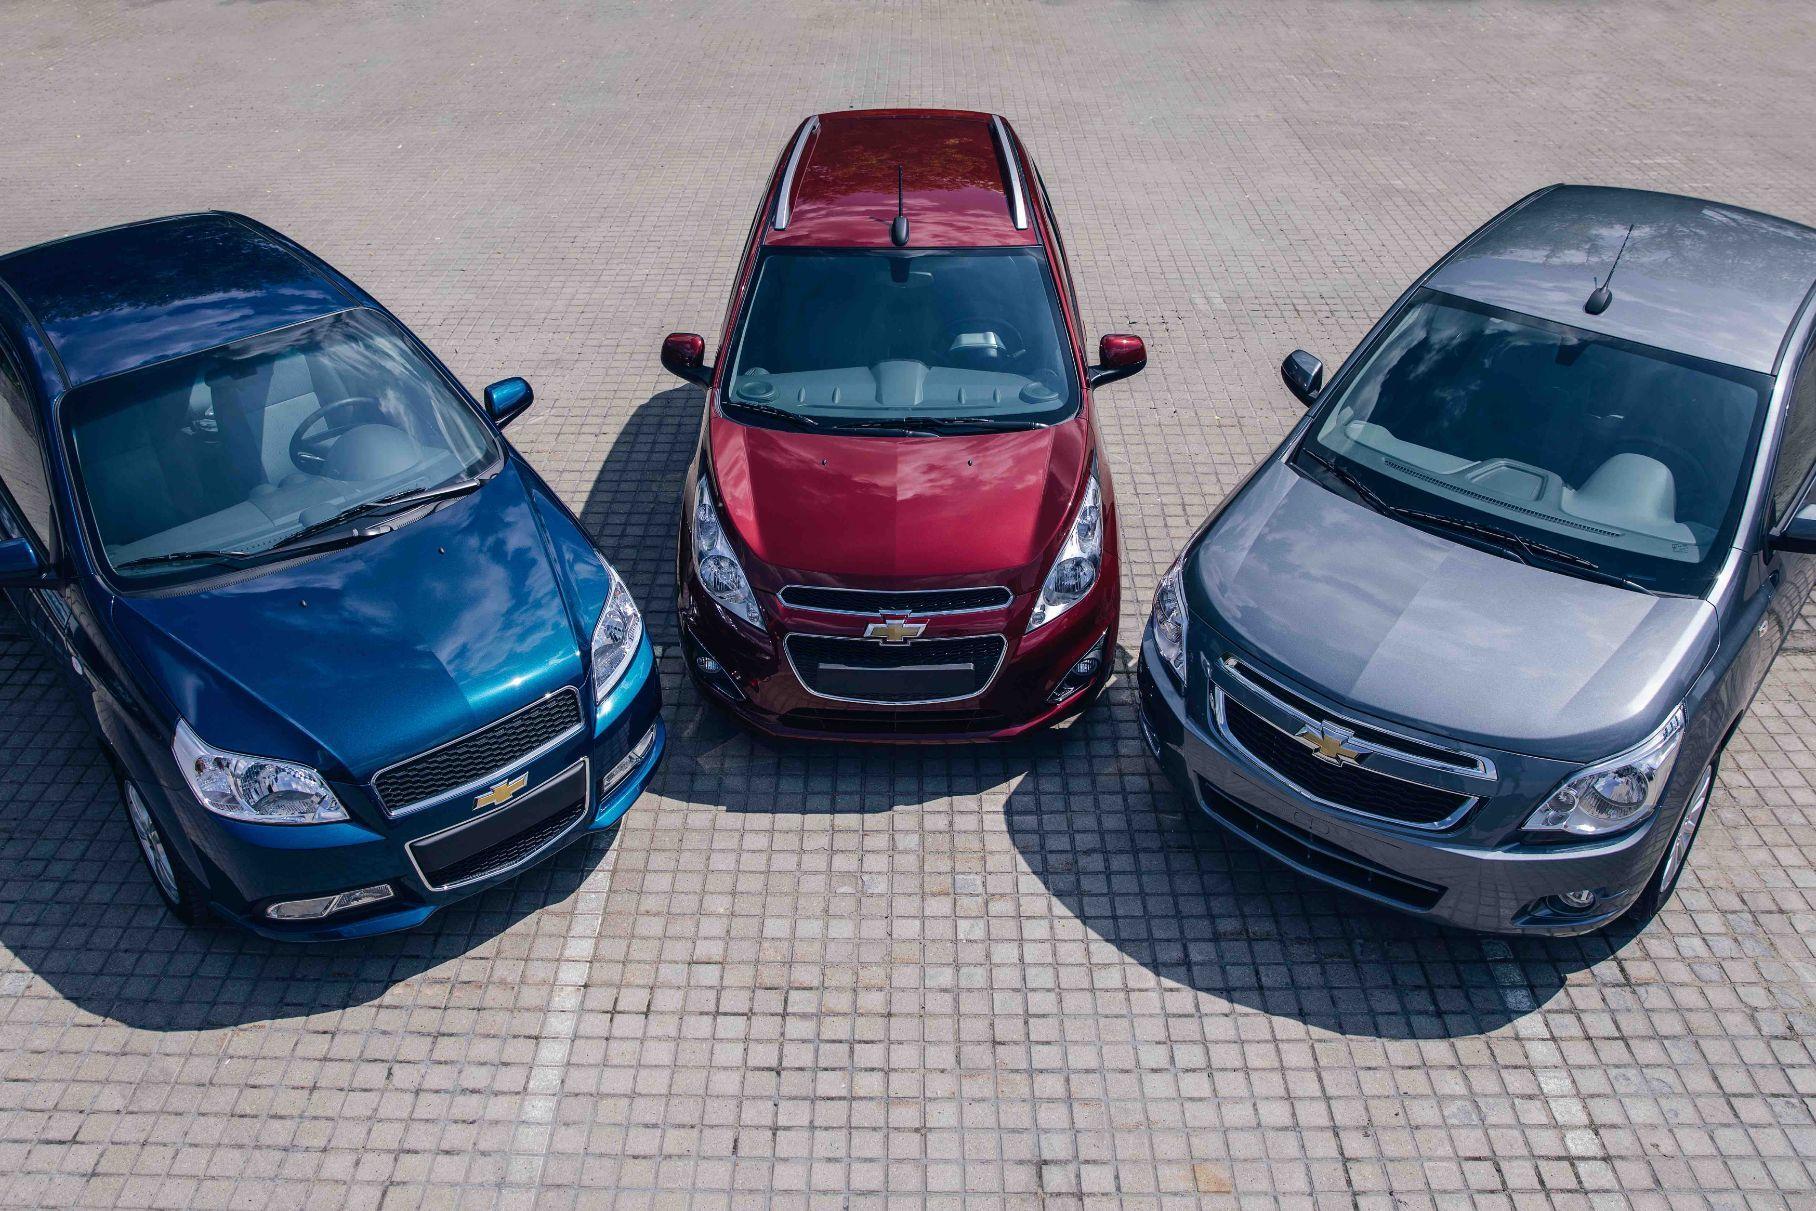 Стало известно, сколько в России продали бюджетных автомобилей Chevrolet